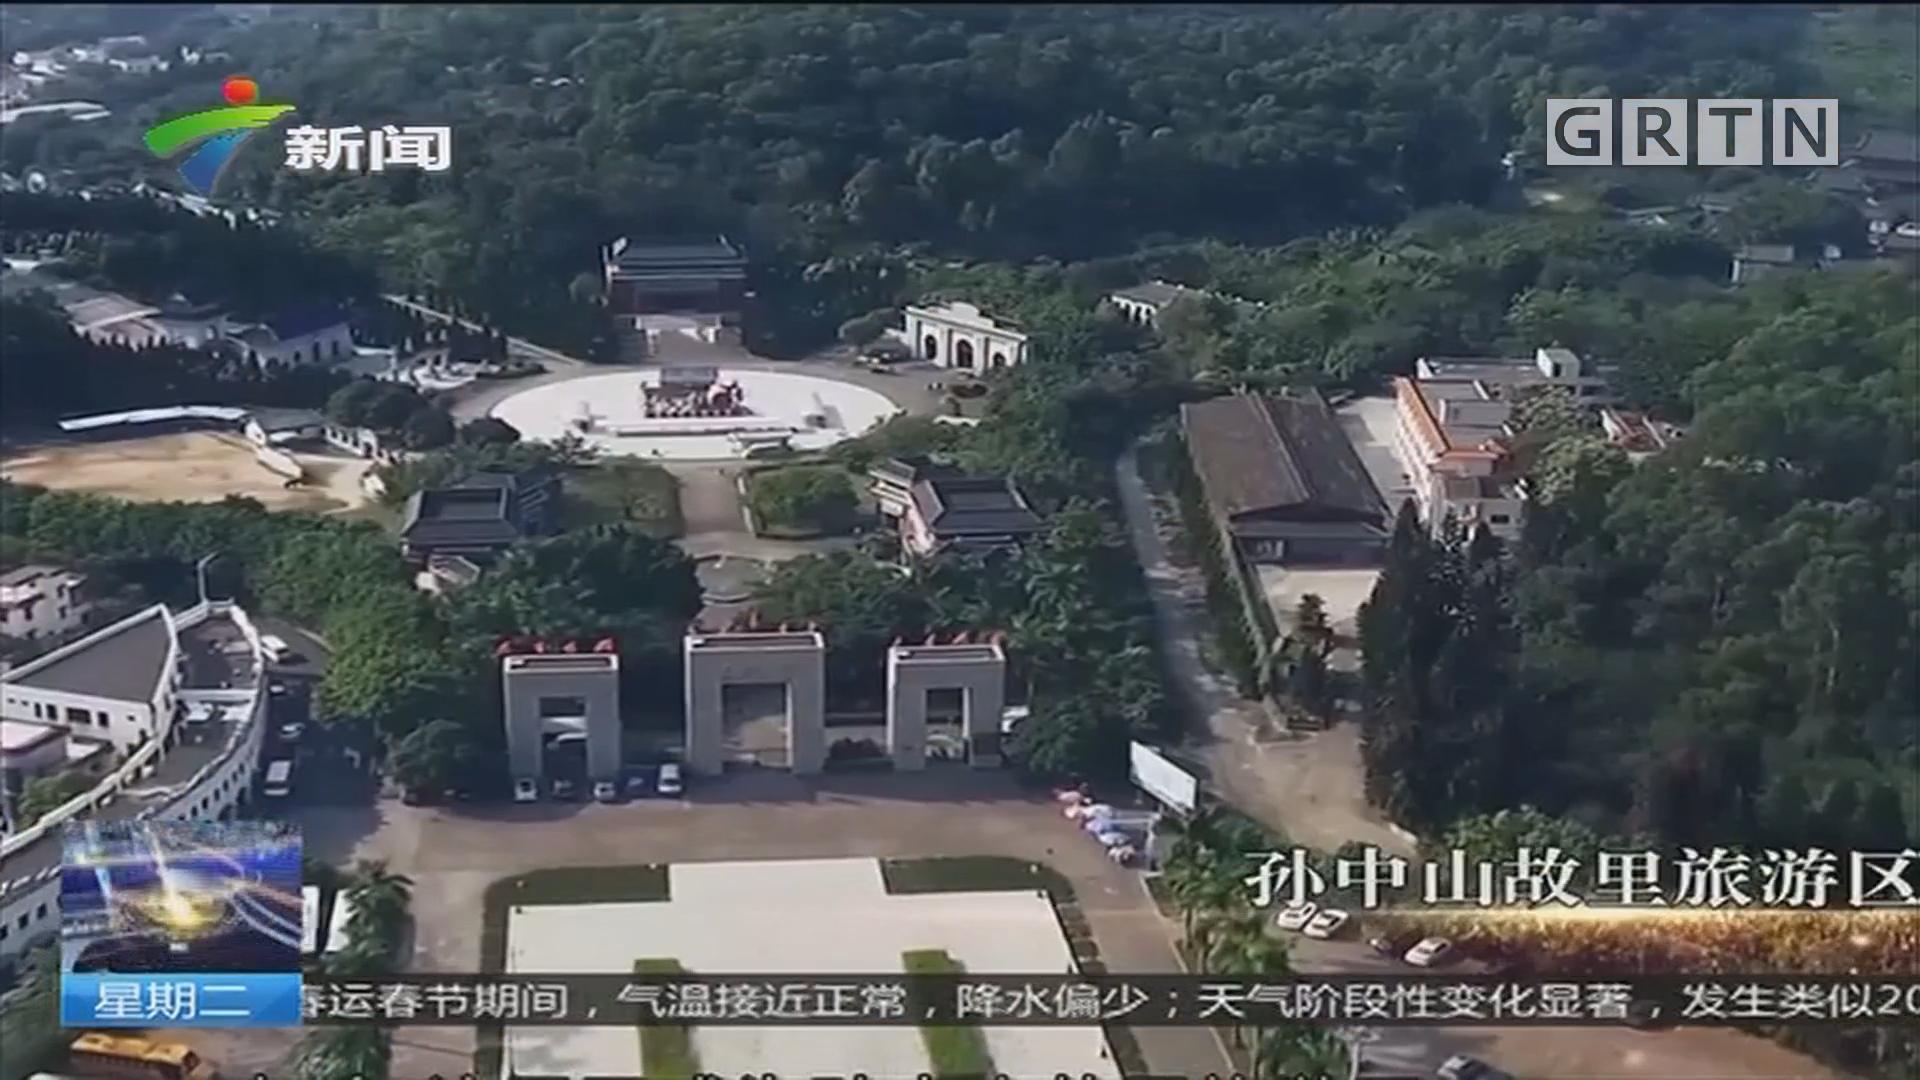 活力广东 缤纷滨海:伟人故里 大美中山